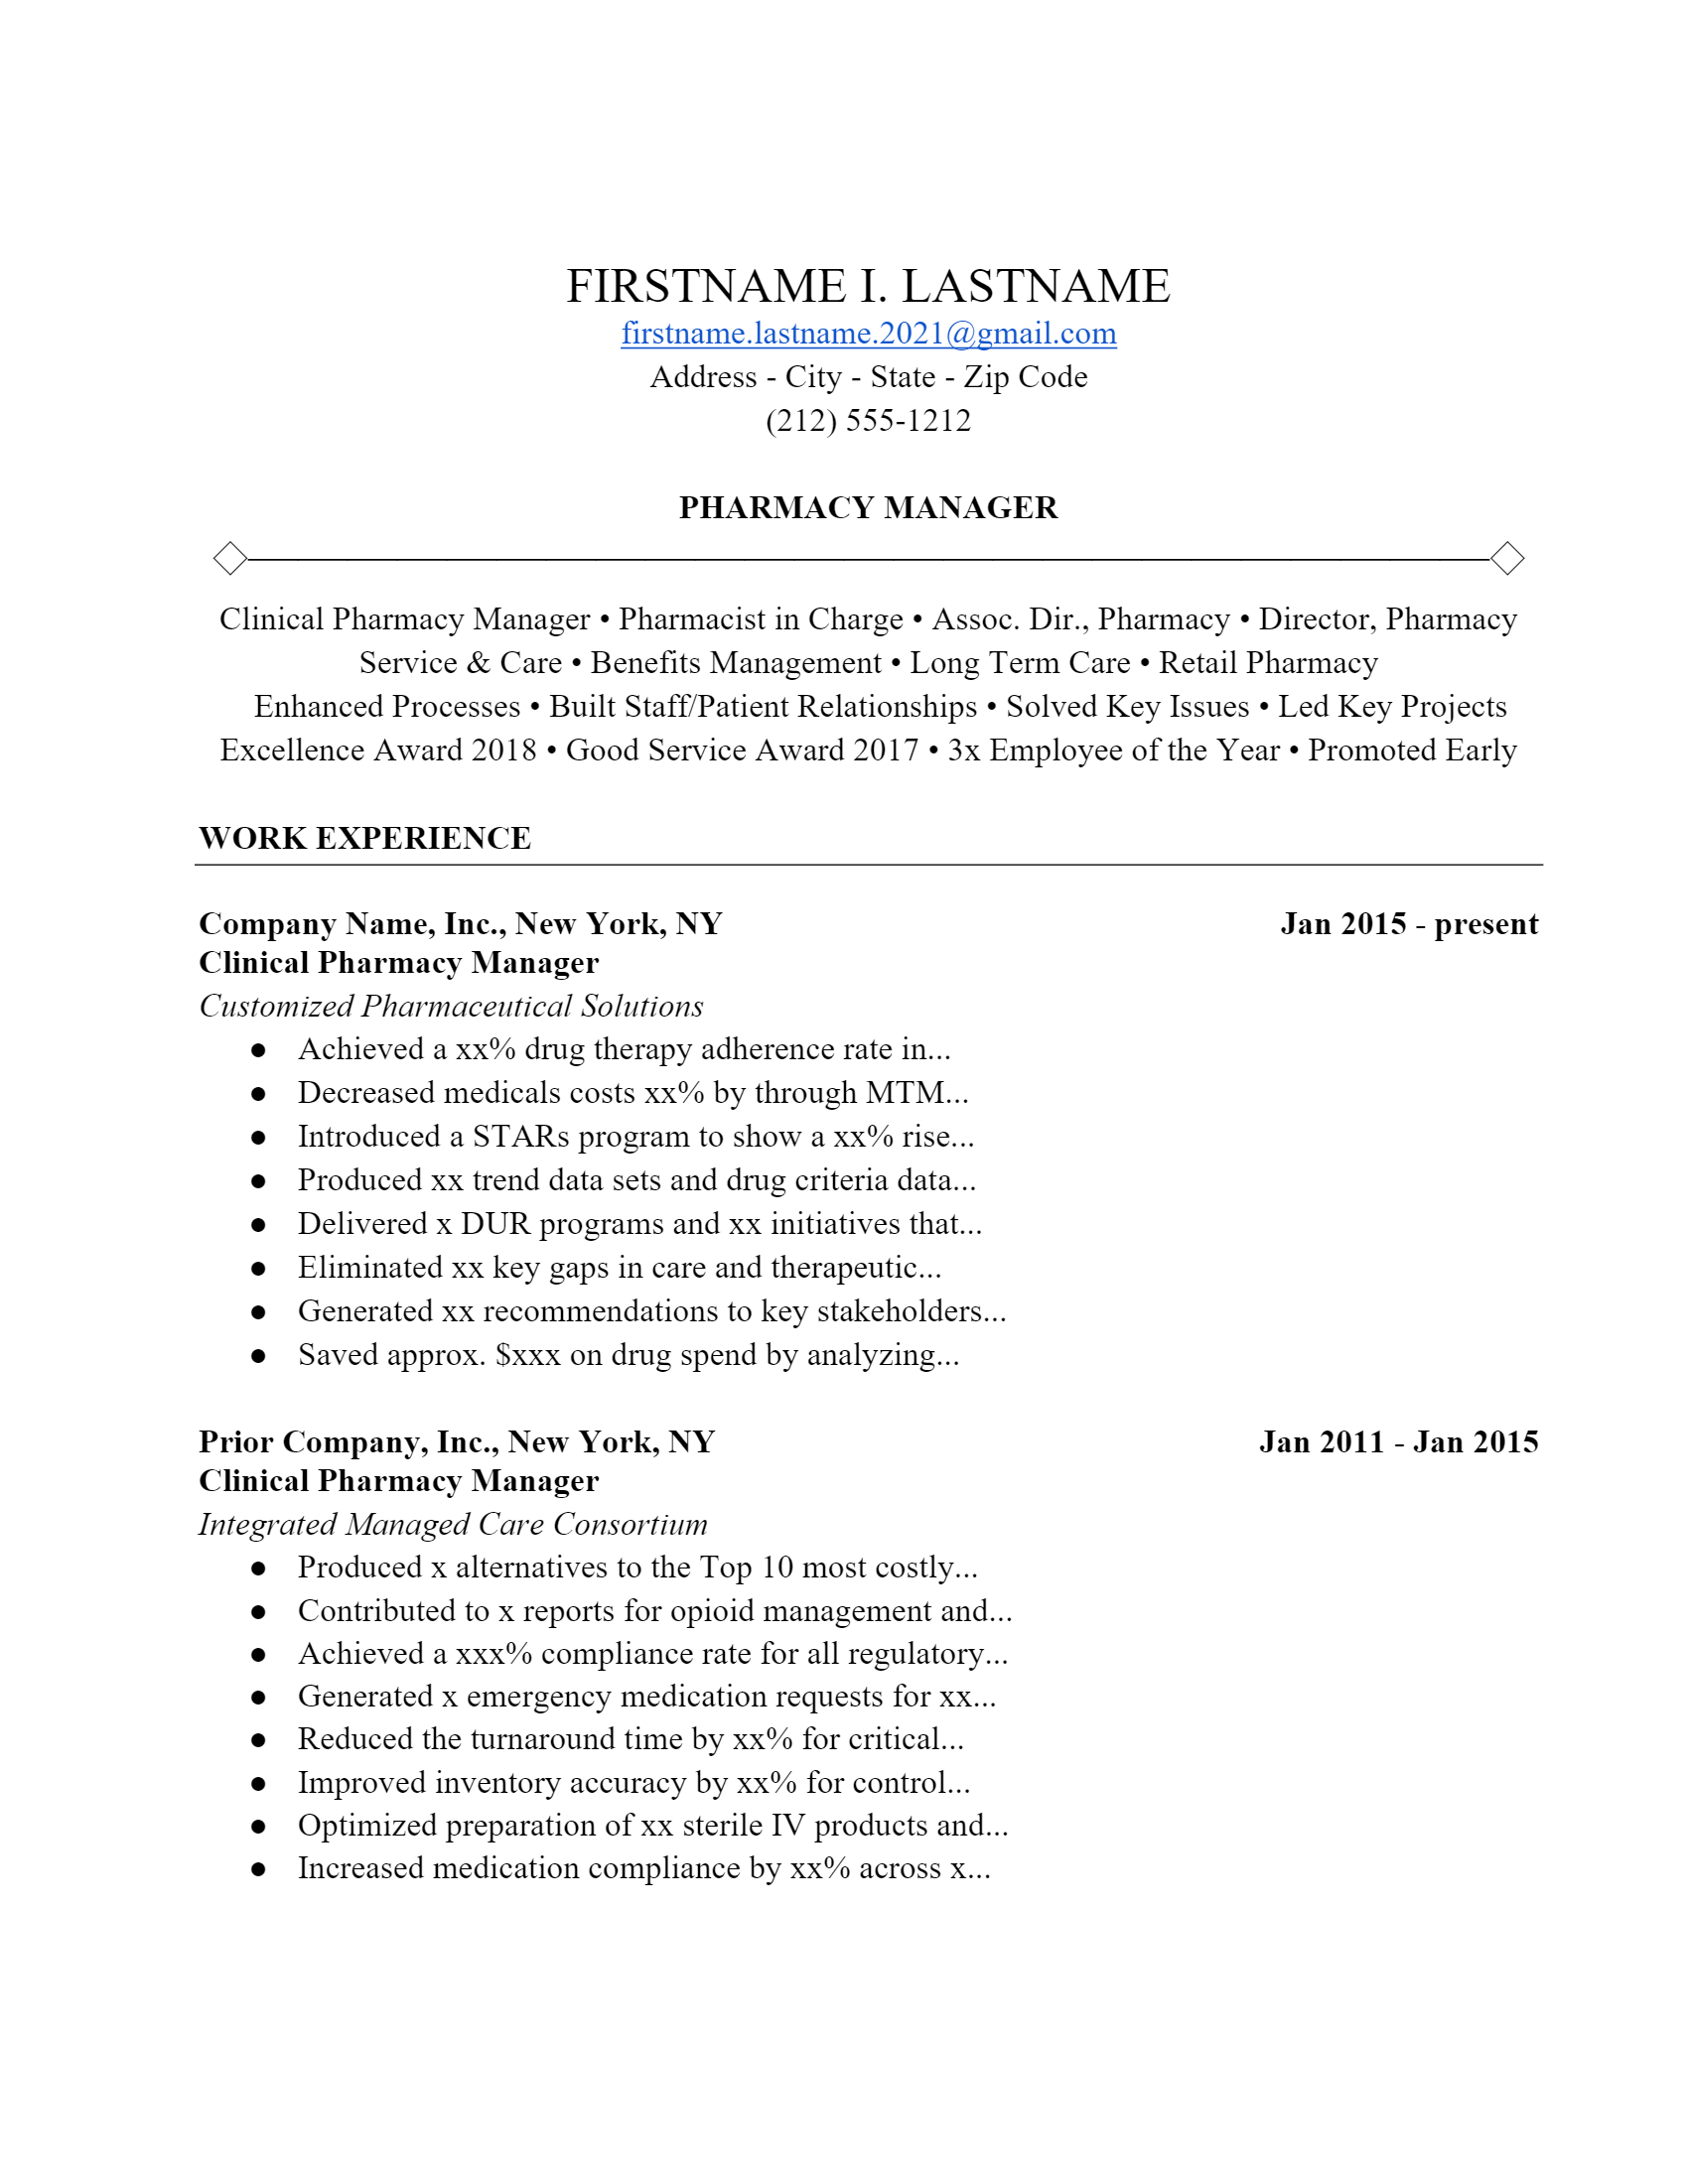 Pharmacist Resume > Pharmacist Resume .Docx (Word)